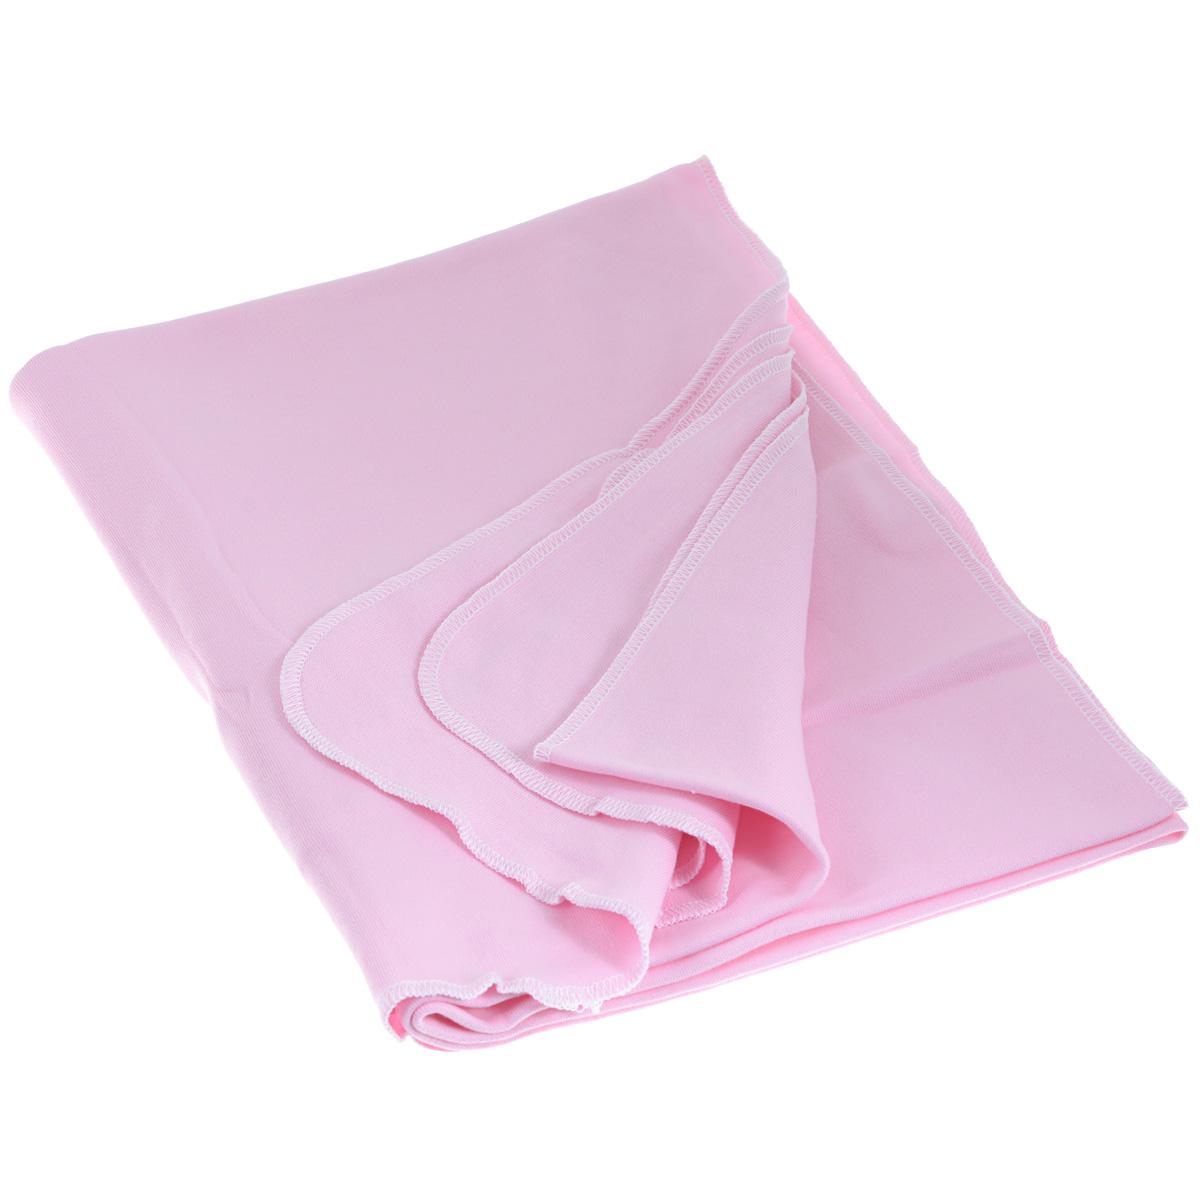 Пеленка, цвет: розовый5421Детская трикотажная пеленка Трон-Плюс Машинки подходит для пеленания ребенка с самого рождения. Она невероятно мягкая и нежная на ощупь. Пеленка выполнена из интерлока набивного - мягкое эластичное трикотажное полотно из хлопка гладкого покроя. Края обработаны швом оверлока. Такая ткань прекрасно дышит, она гипоаллергенна, почти не мнется и не теряет формы после стирки. Мягкая ткань укутывает малыша с необычайной нежностью. Пеленку также можно использовать как легкое одеяло в жаркую погоду, простынку, полотенце после купания, накидку для кормления грудью или солнцезащитный козырек. Пеленка оформлена изображениями машинок. Ее размер подходит для пеленания даже крупного малыша. Рекомендована ручная стирка при температуре не более 40°C. Не отбеливать. Температура глажения не более 150°C. Сушить в подвешенном виде. Не подвергать химической чистке.